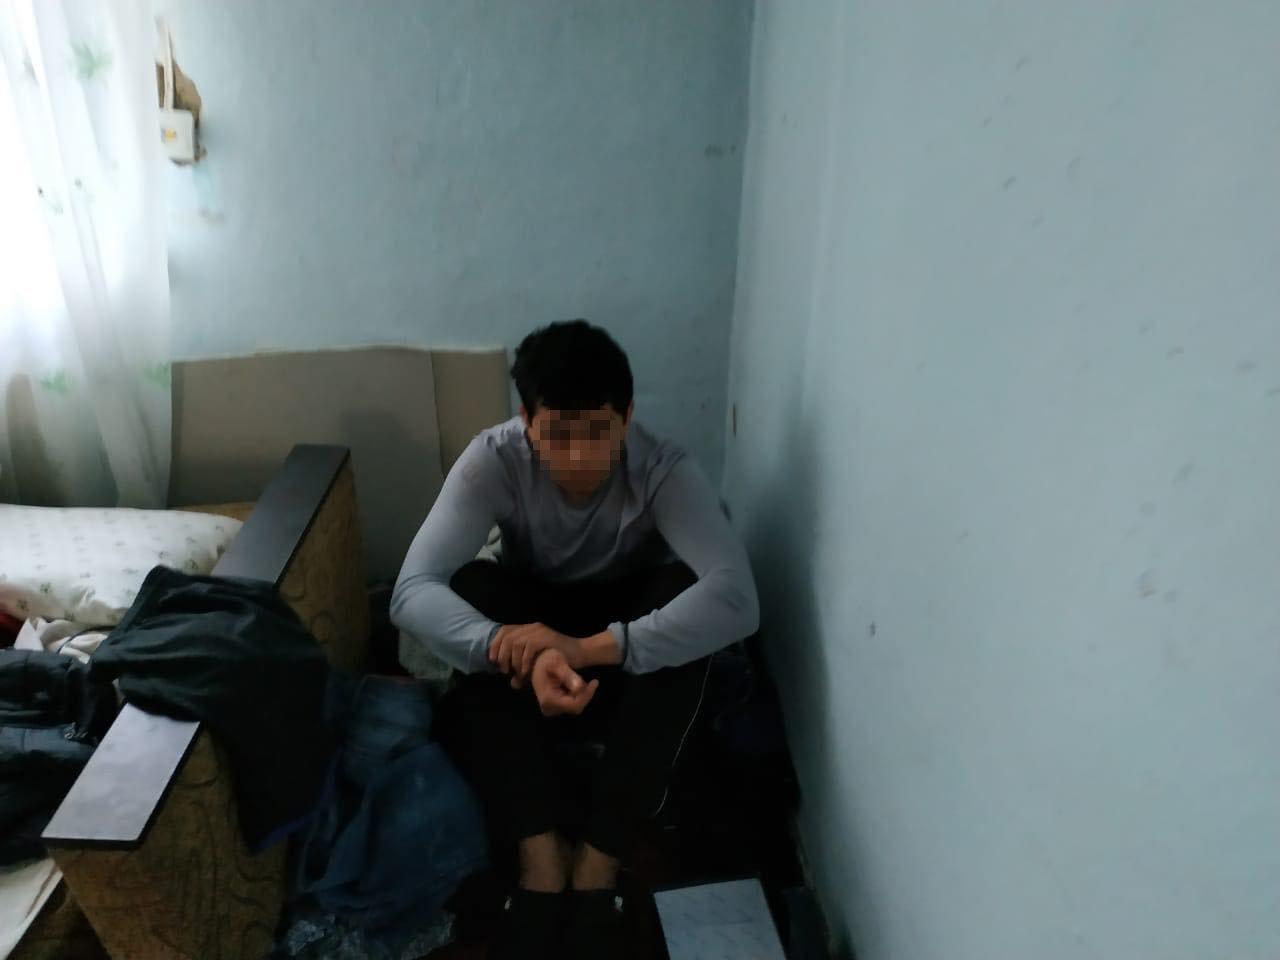 В Киеве двое мужчин похитили человека, чтобы завладеть его квартирой на Подоле, - ФОТО, фото-2